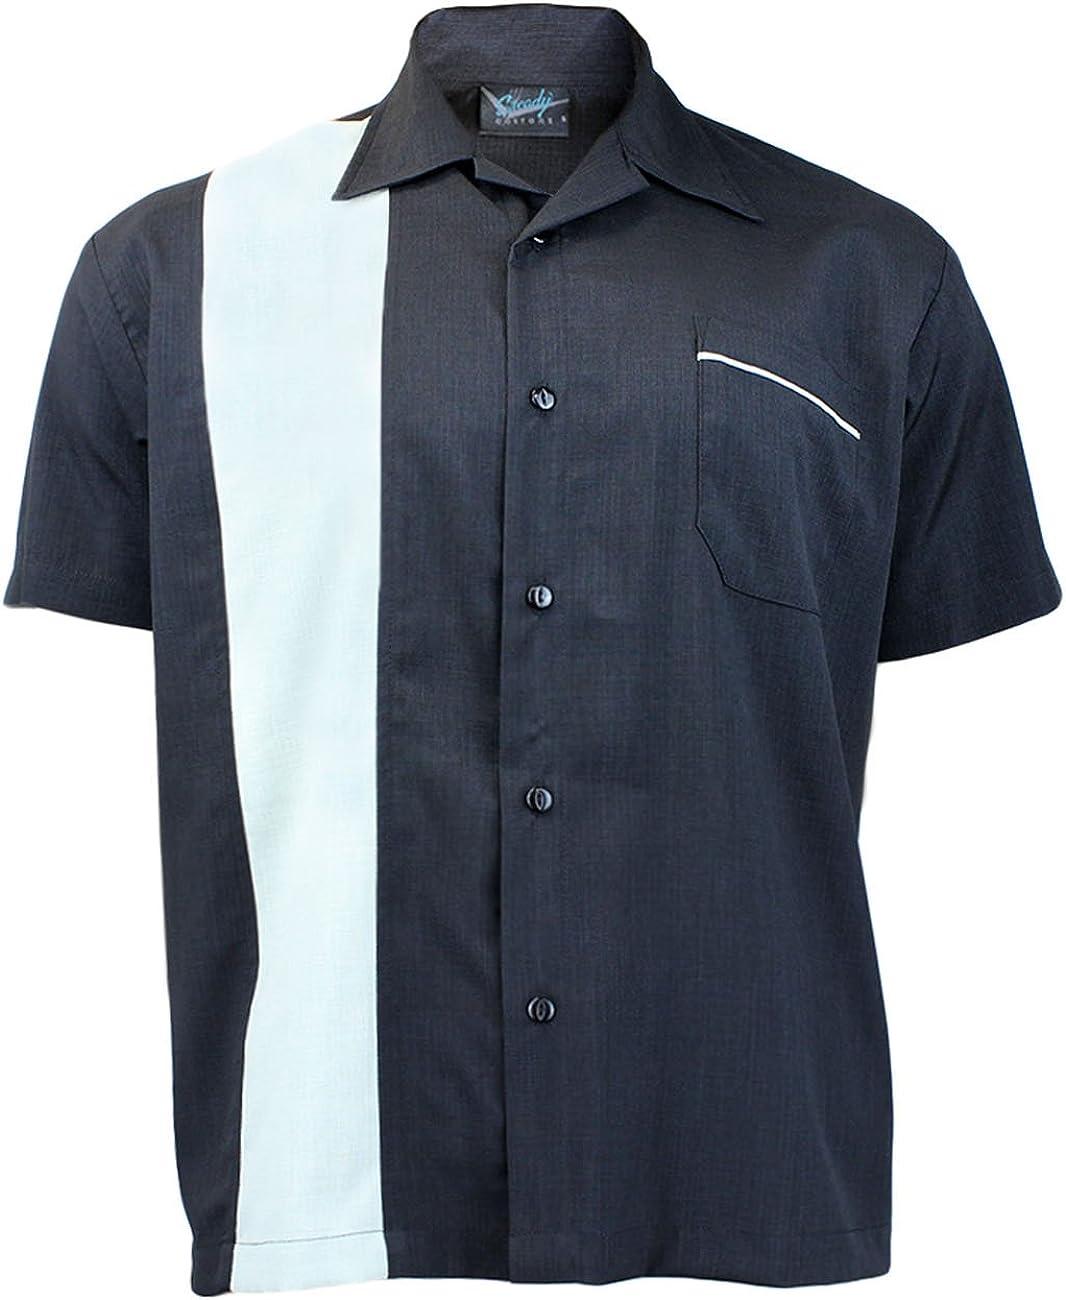 Steady Clothing Hombre Vintage Bowling camisa – Single Poplin Retro Bolos Camiseta negro Large: Amazon.es: Ropa y accesorios